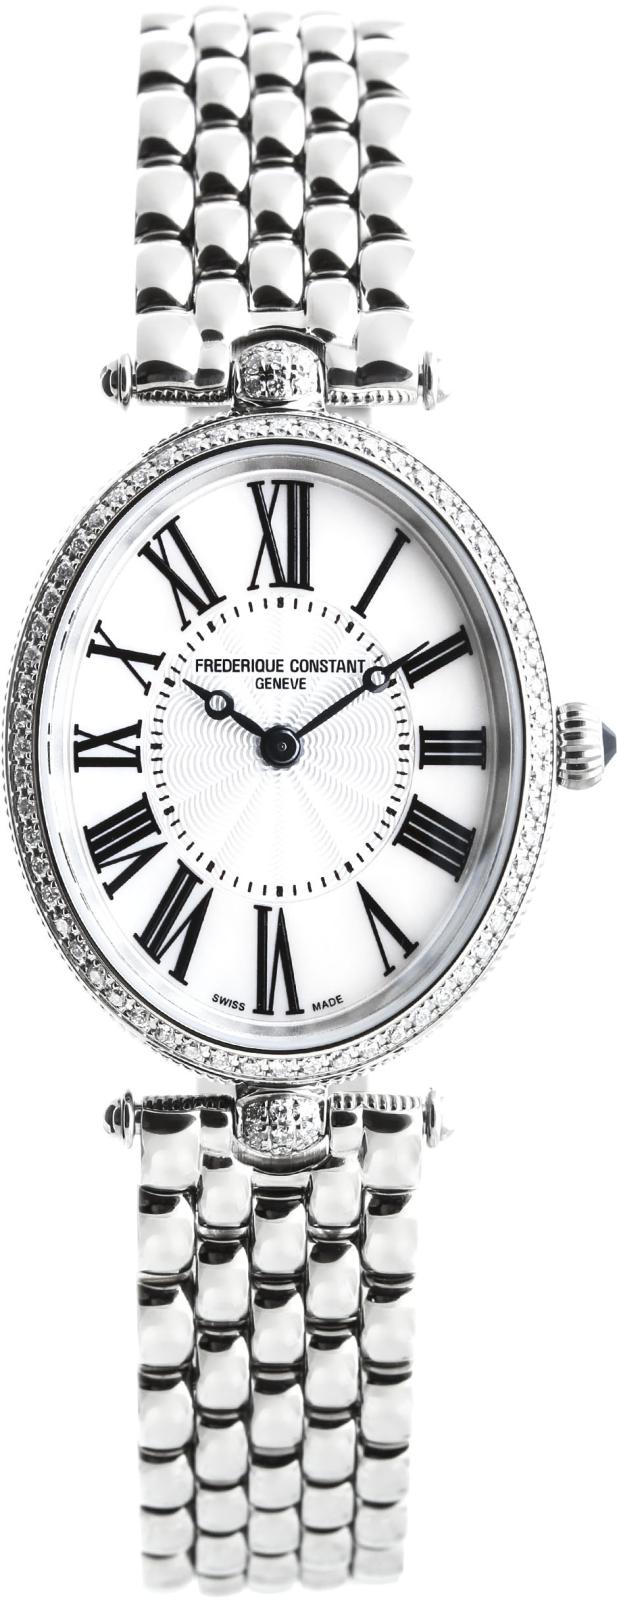 Frederique Constant Art Deco FC-200MPW2VD6BНаручные часы<br>Швейцарские часы Frederique Constant Art Deco FC-200MPW2VD6B<br><br>Пол: Женские<br>Страна-производитель: Швейцария<br>Механизм: Кварцевый<br>Материал корпуса: Сталь<br>Материал ремня/браслета: Сталь<br>Водозащита, диапазон: 20 - 100 м<br>Стекло: Сапфировое<br>Толщина корпуса: 7 мм<br>Стиль: Классика